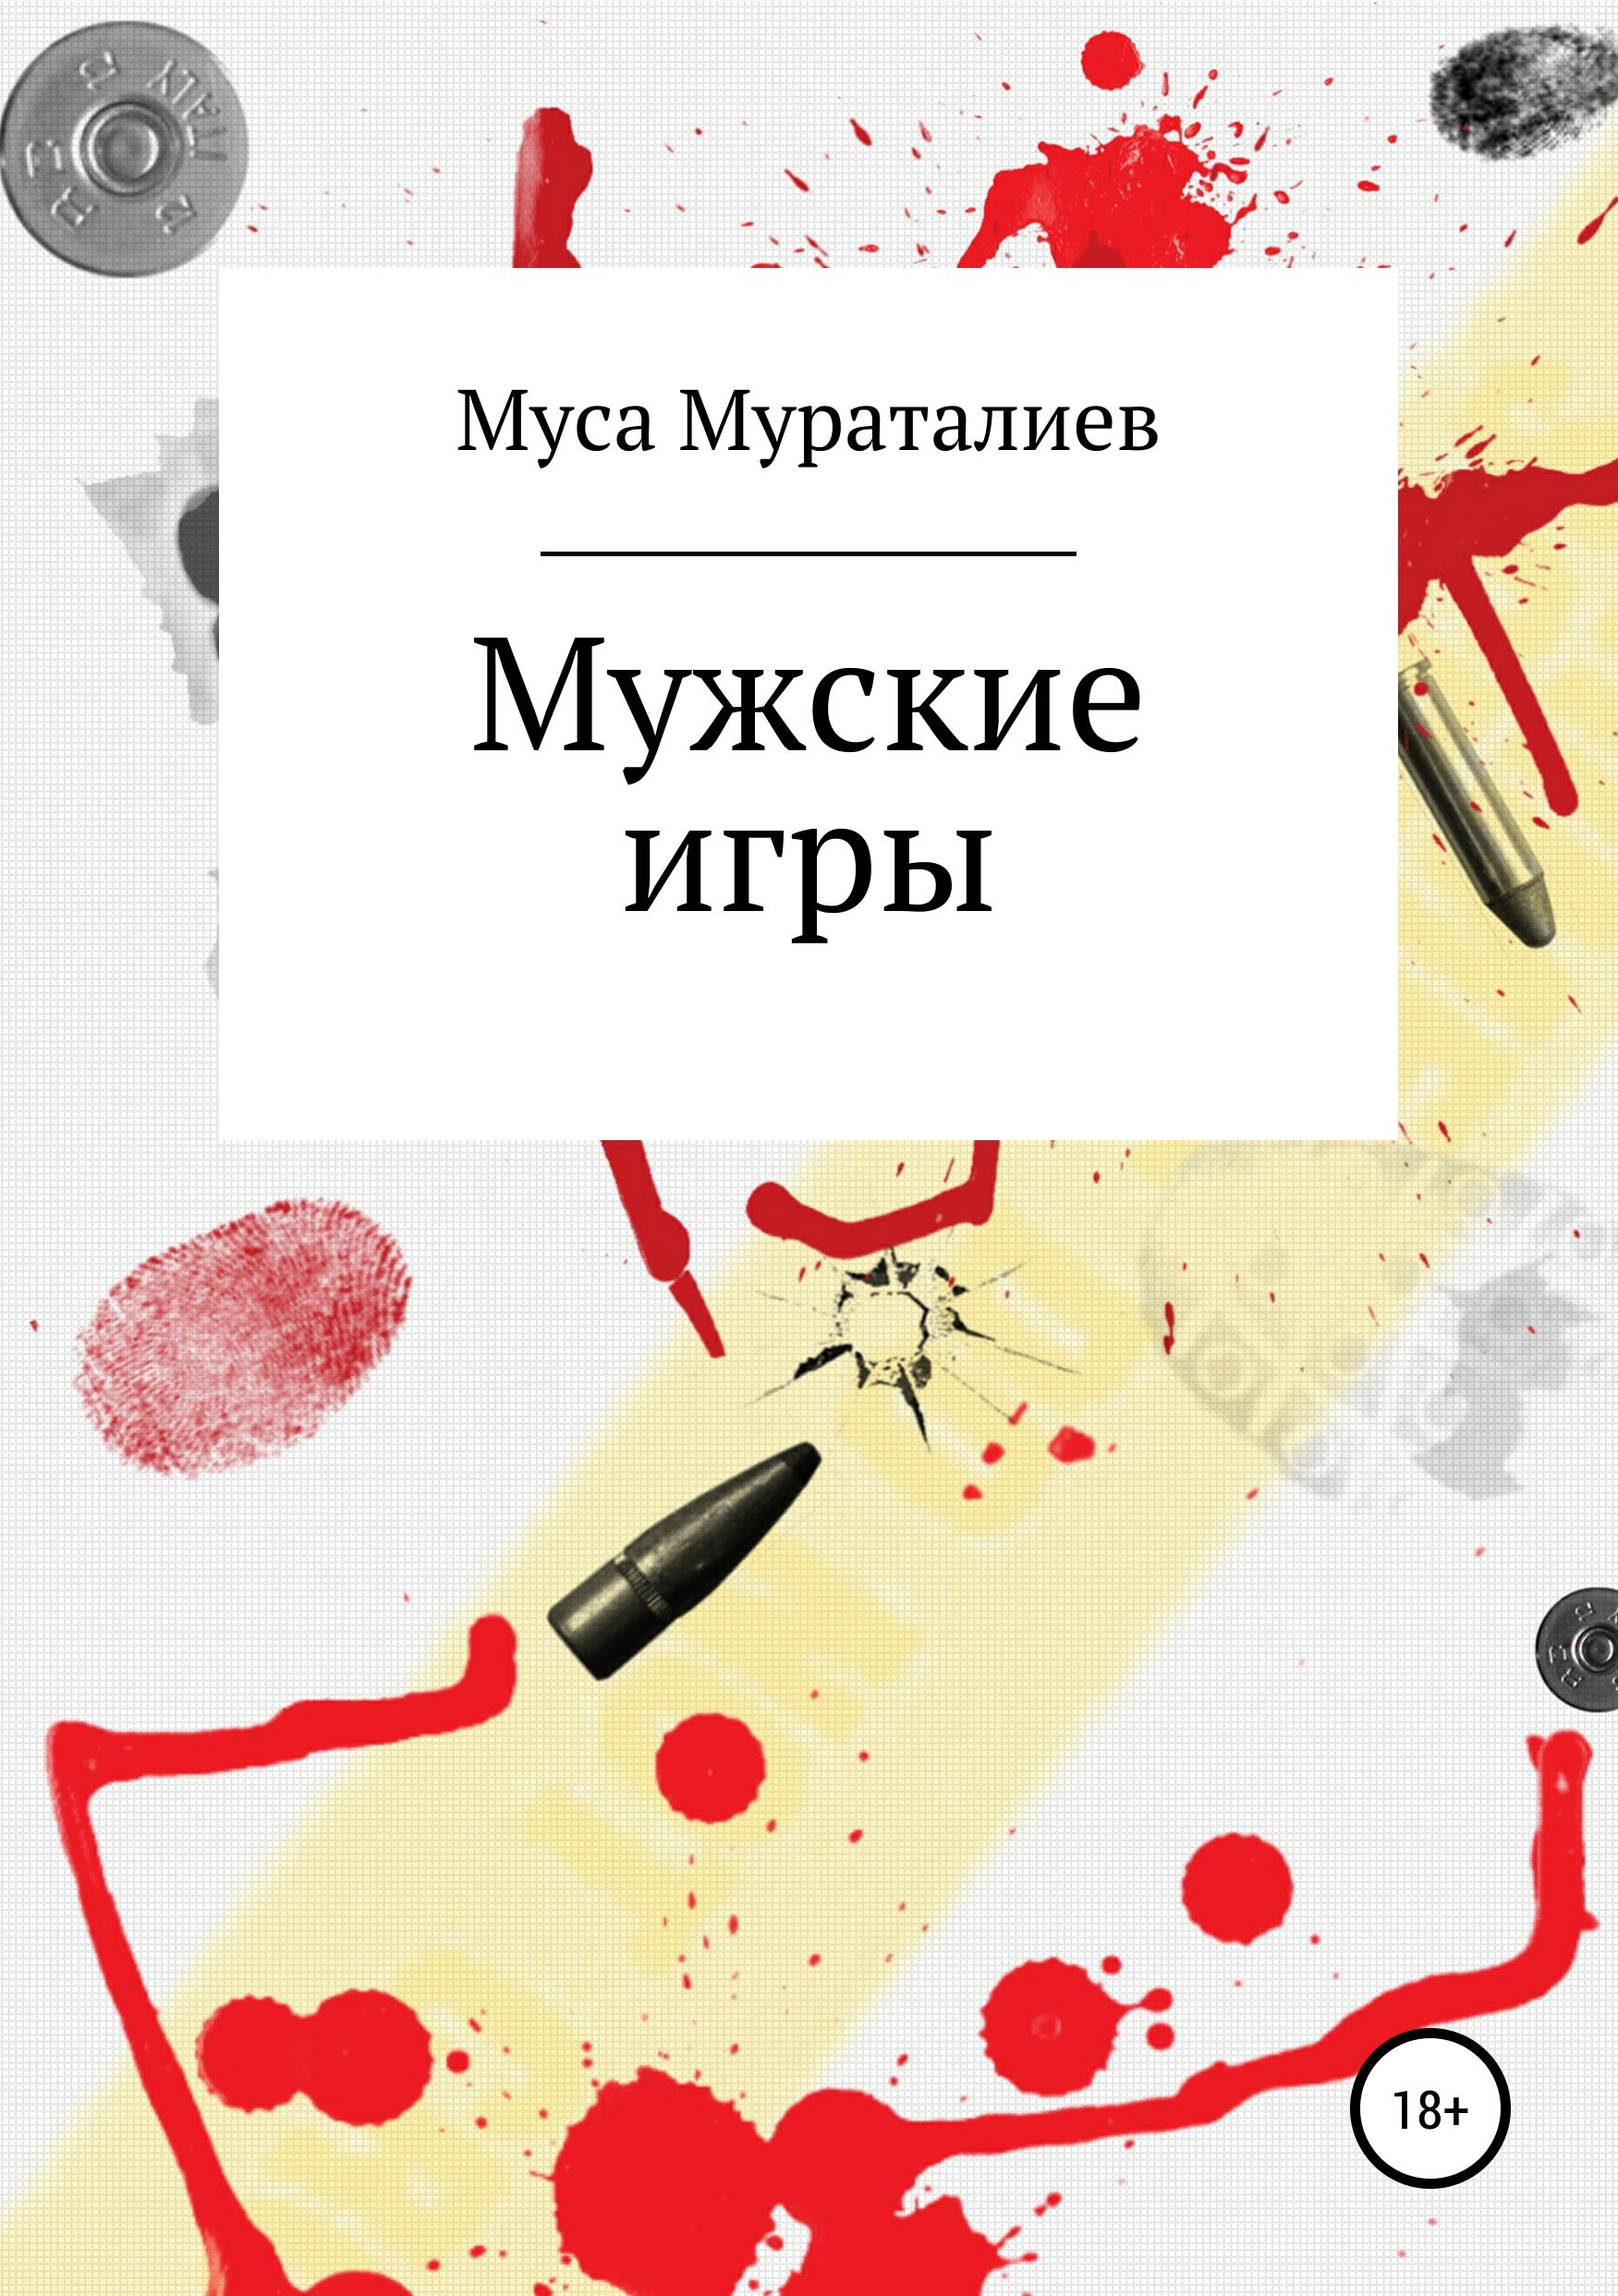 Купить книгу Мужские игры, автора Мусы Мураталиева